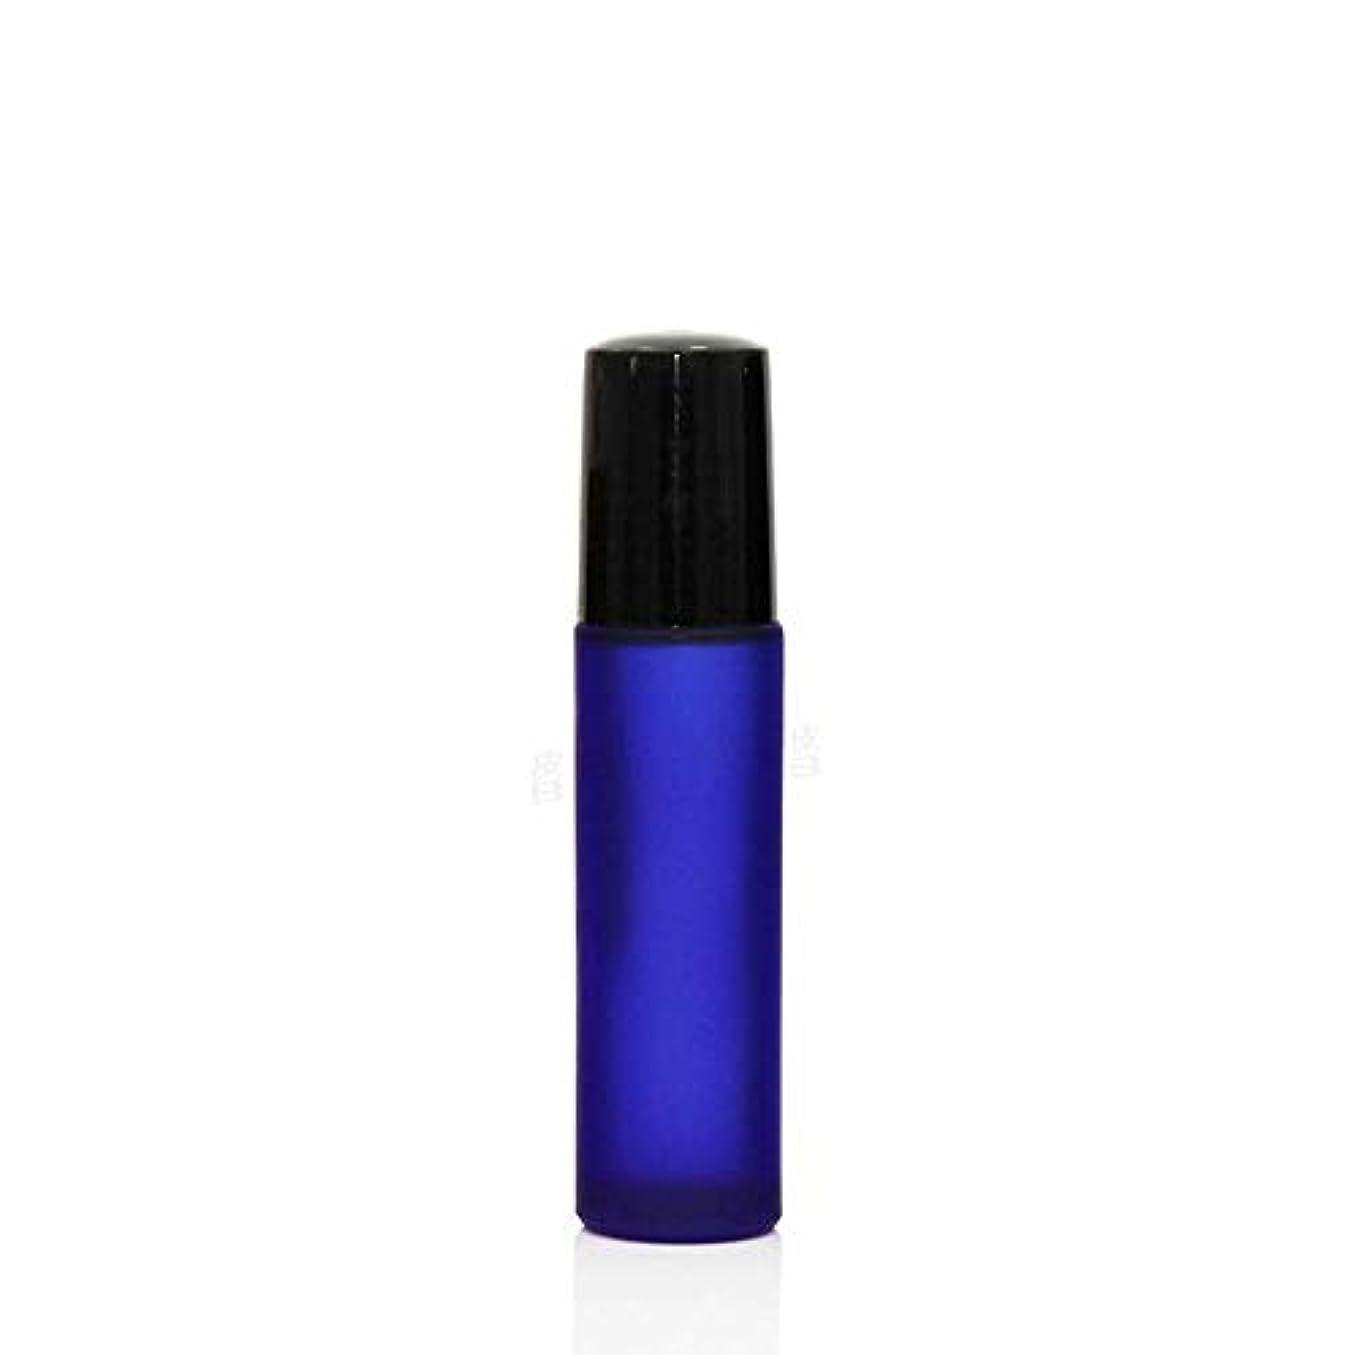 専門知識サージ重要な役割を果たす、中心的な手段となるSimg ロールオンボトル アロマオイル 精油 小分け用 遮光瓶 10ml 10本セット ガラスロールタイプ (ブルー)